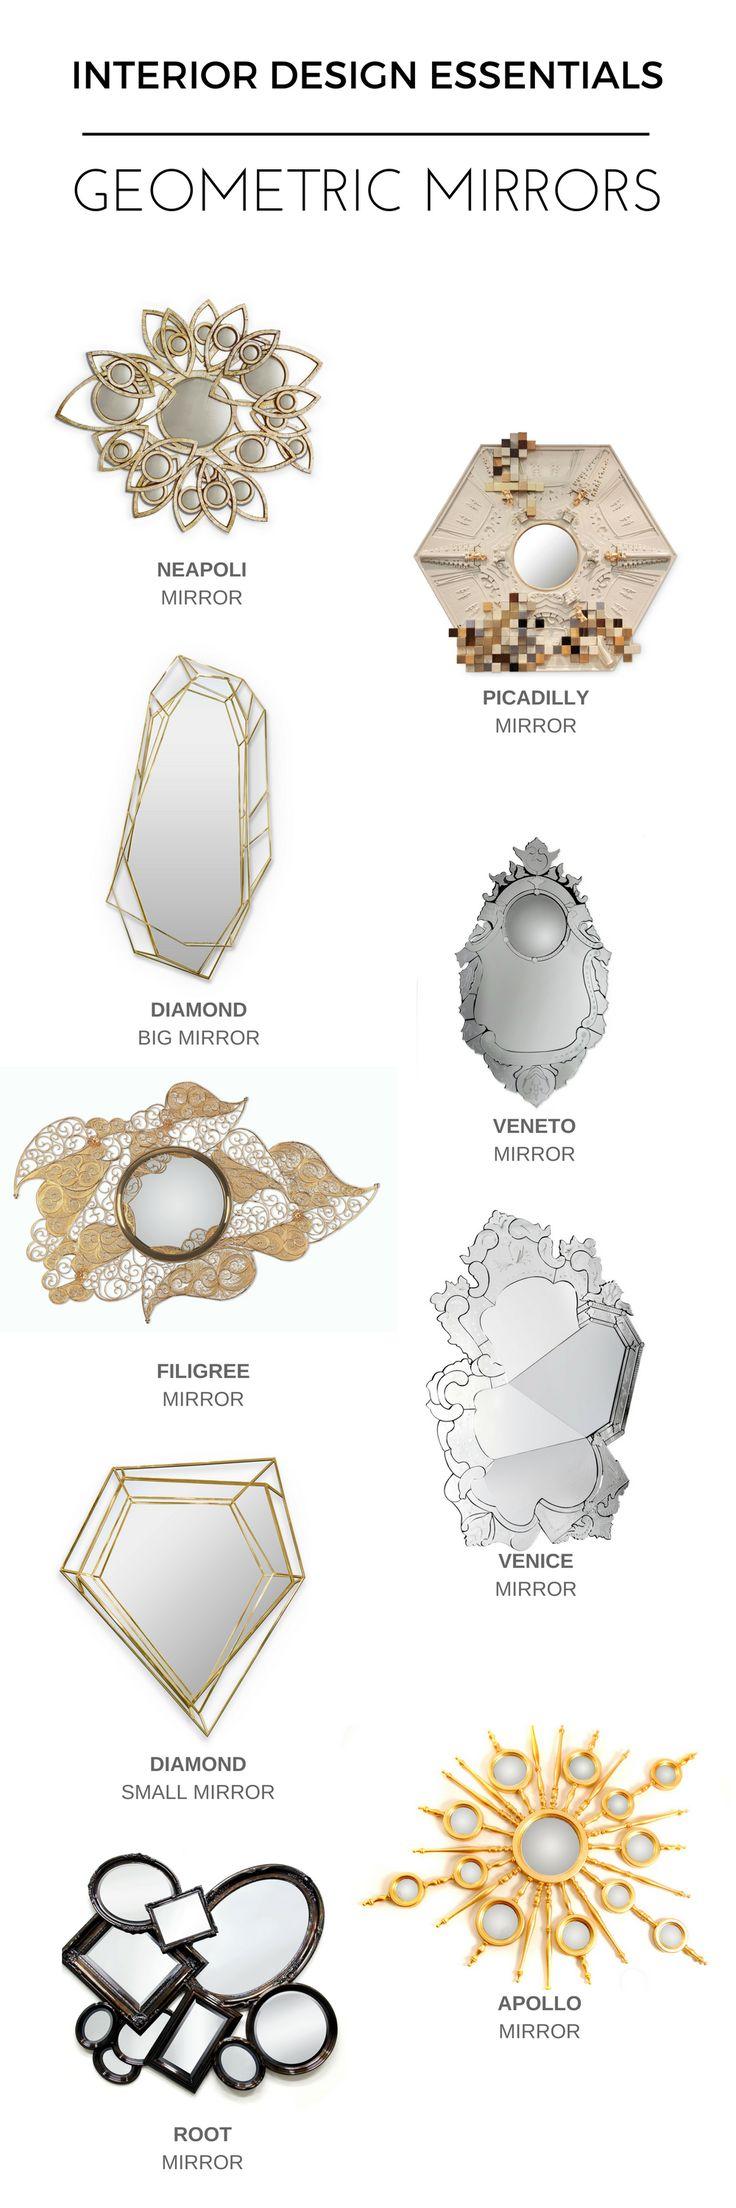 geometrische spiegel fr atemberaubende innenarchitektur projekte entdecken sie mehr inspirationen hier wwwbcoadolobo